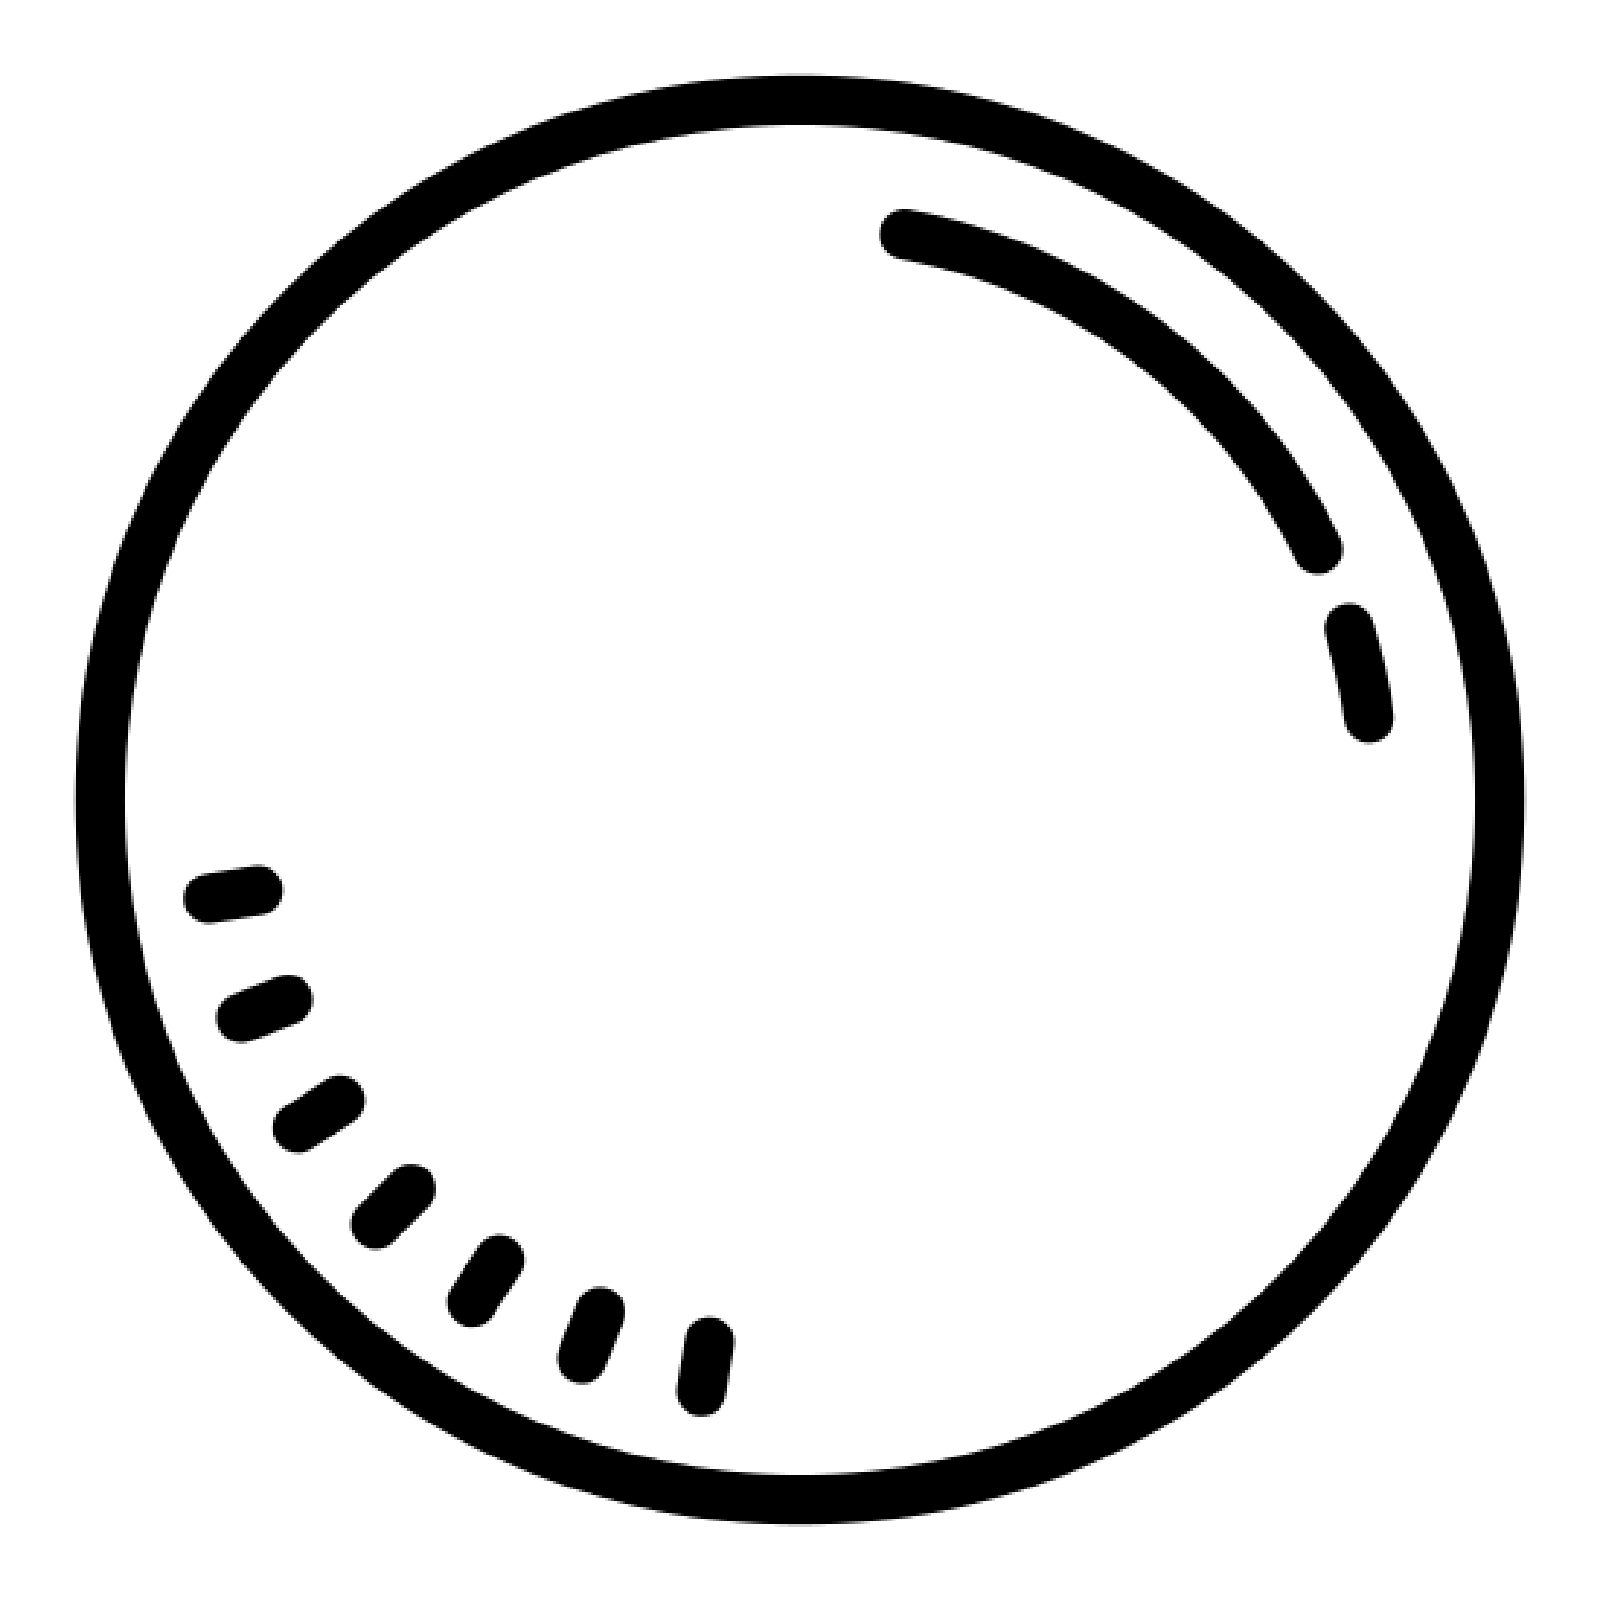 黒丸 icon